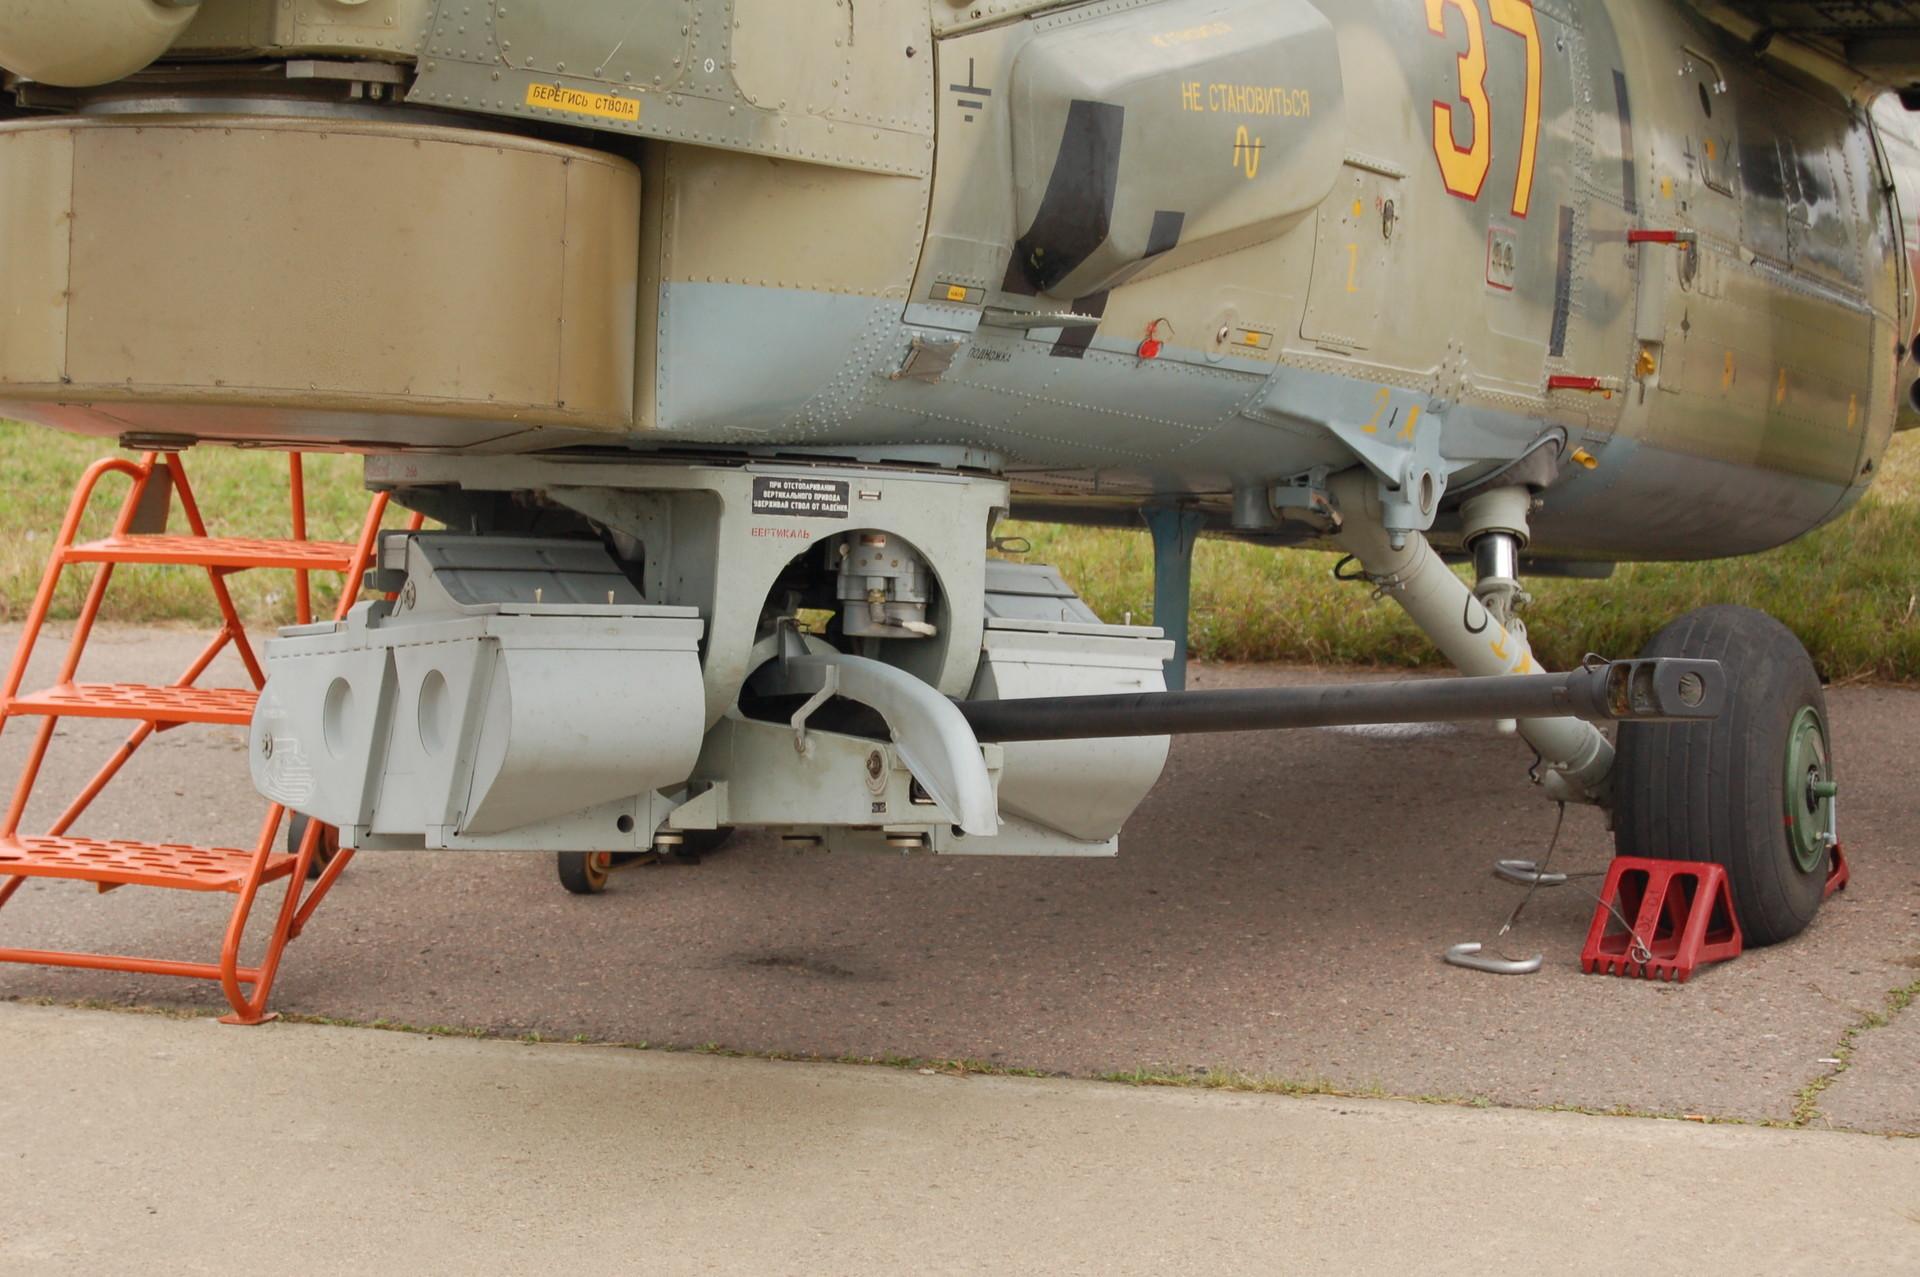 """Автоматскиот топ 2А42 калибар 30 мм на рускиот хеликоптер Ми-28Н """"Ноќен ловец""""."""